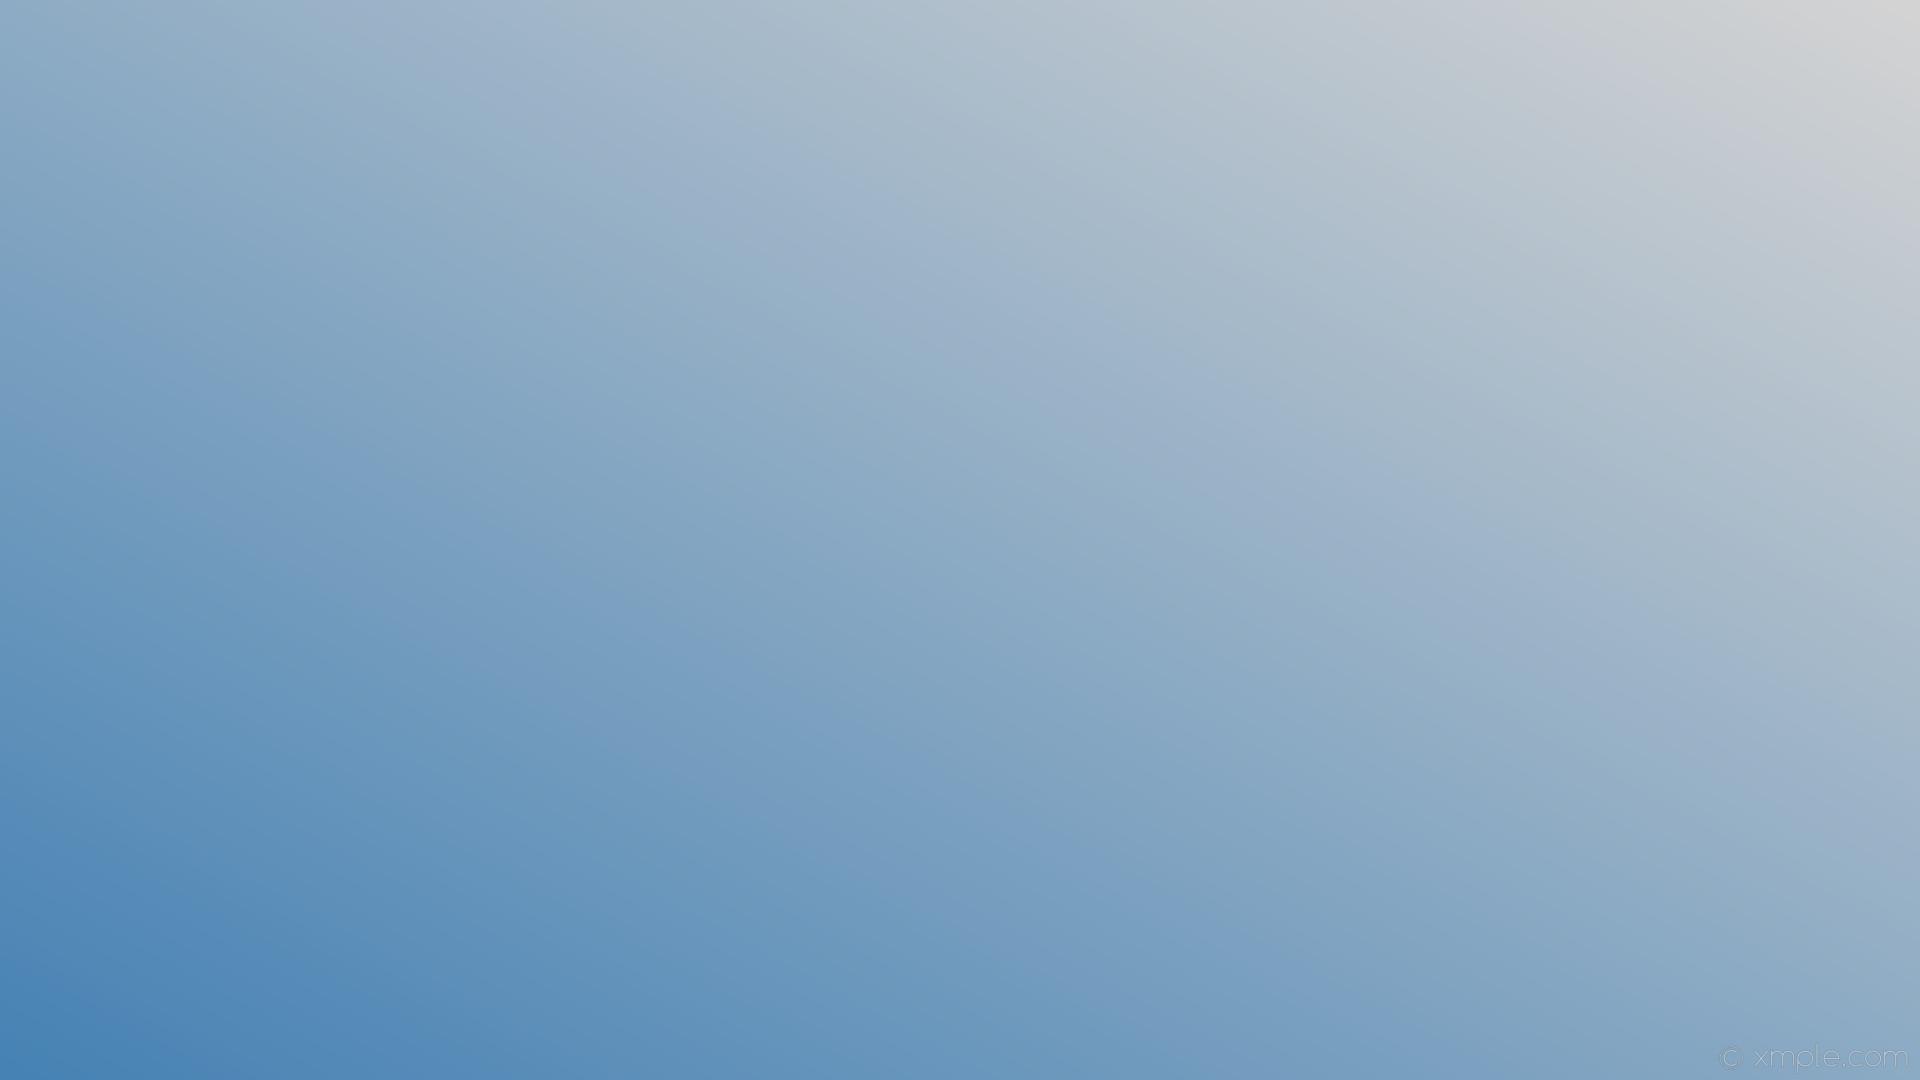 wallpaper gradient blue linear grey light gray steel blue #d3d3d3 #4682b4  30°